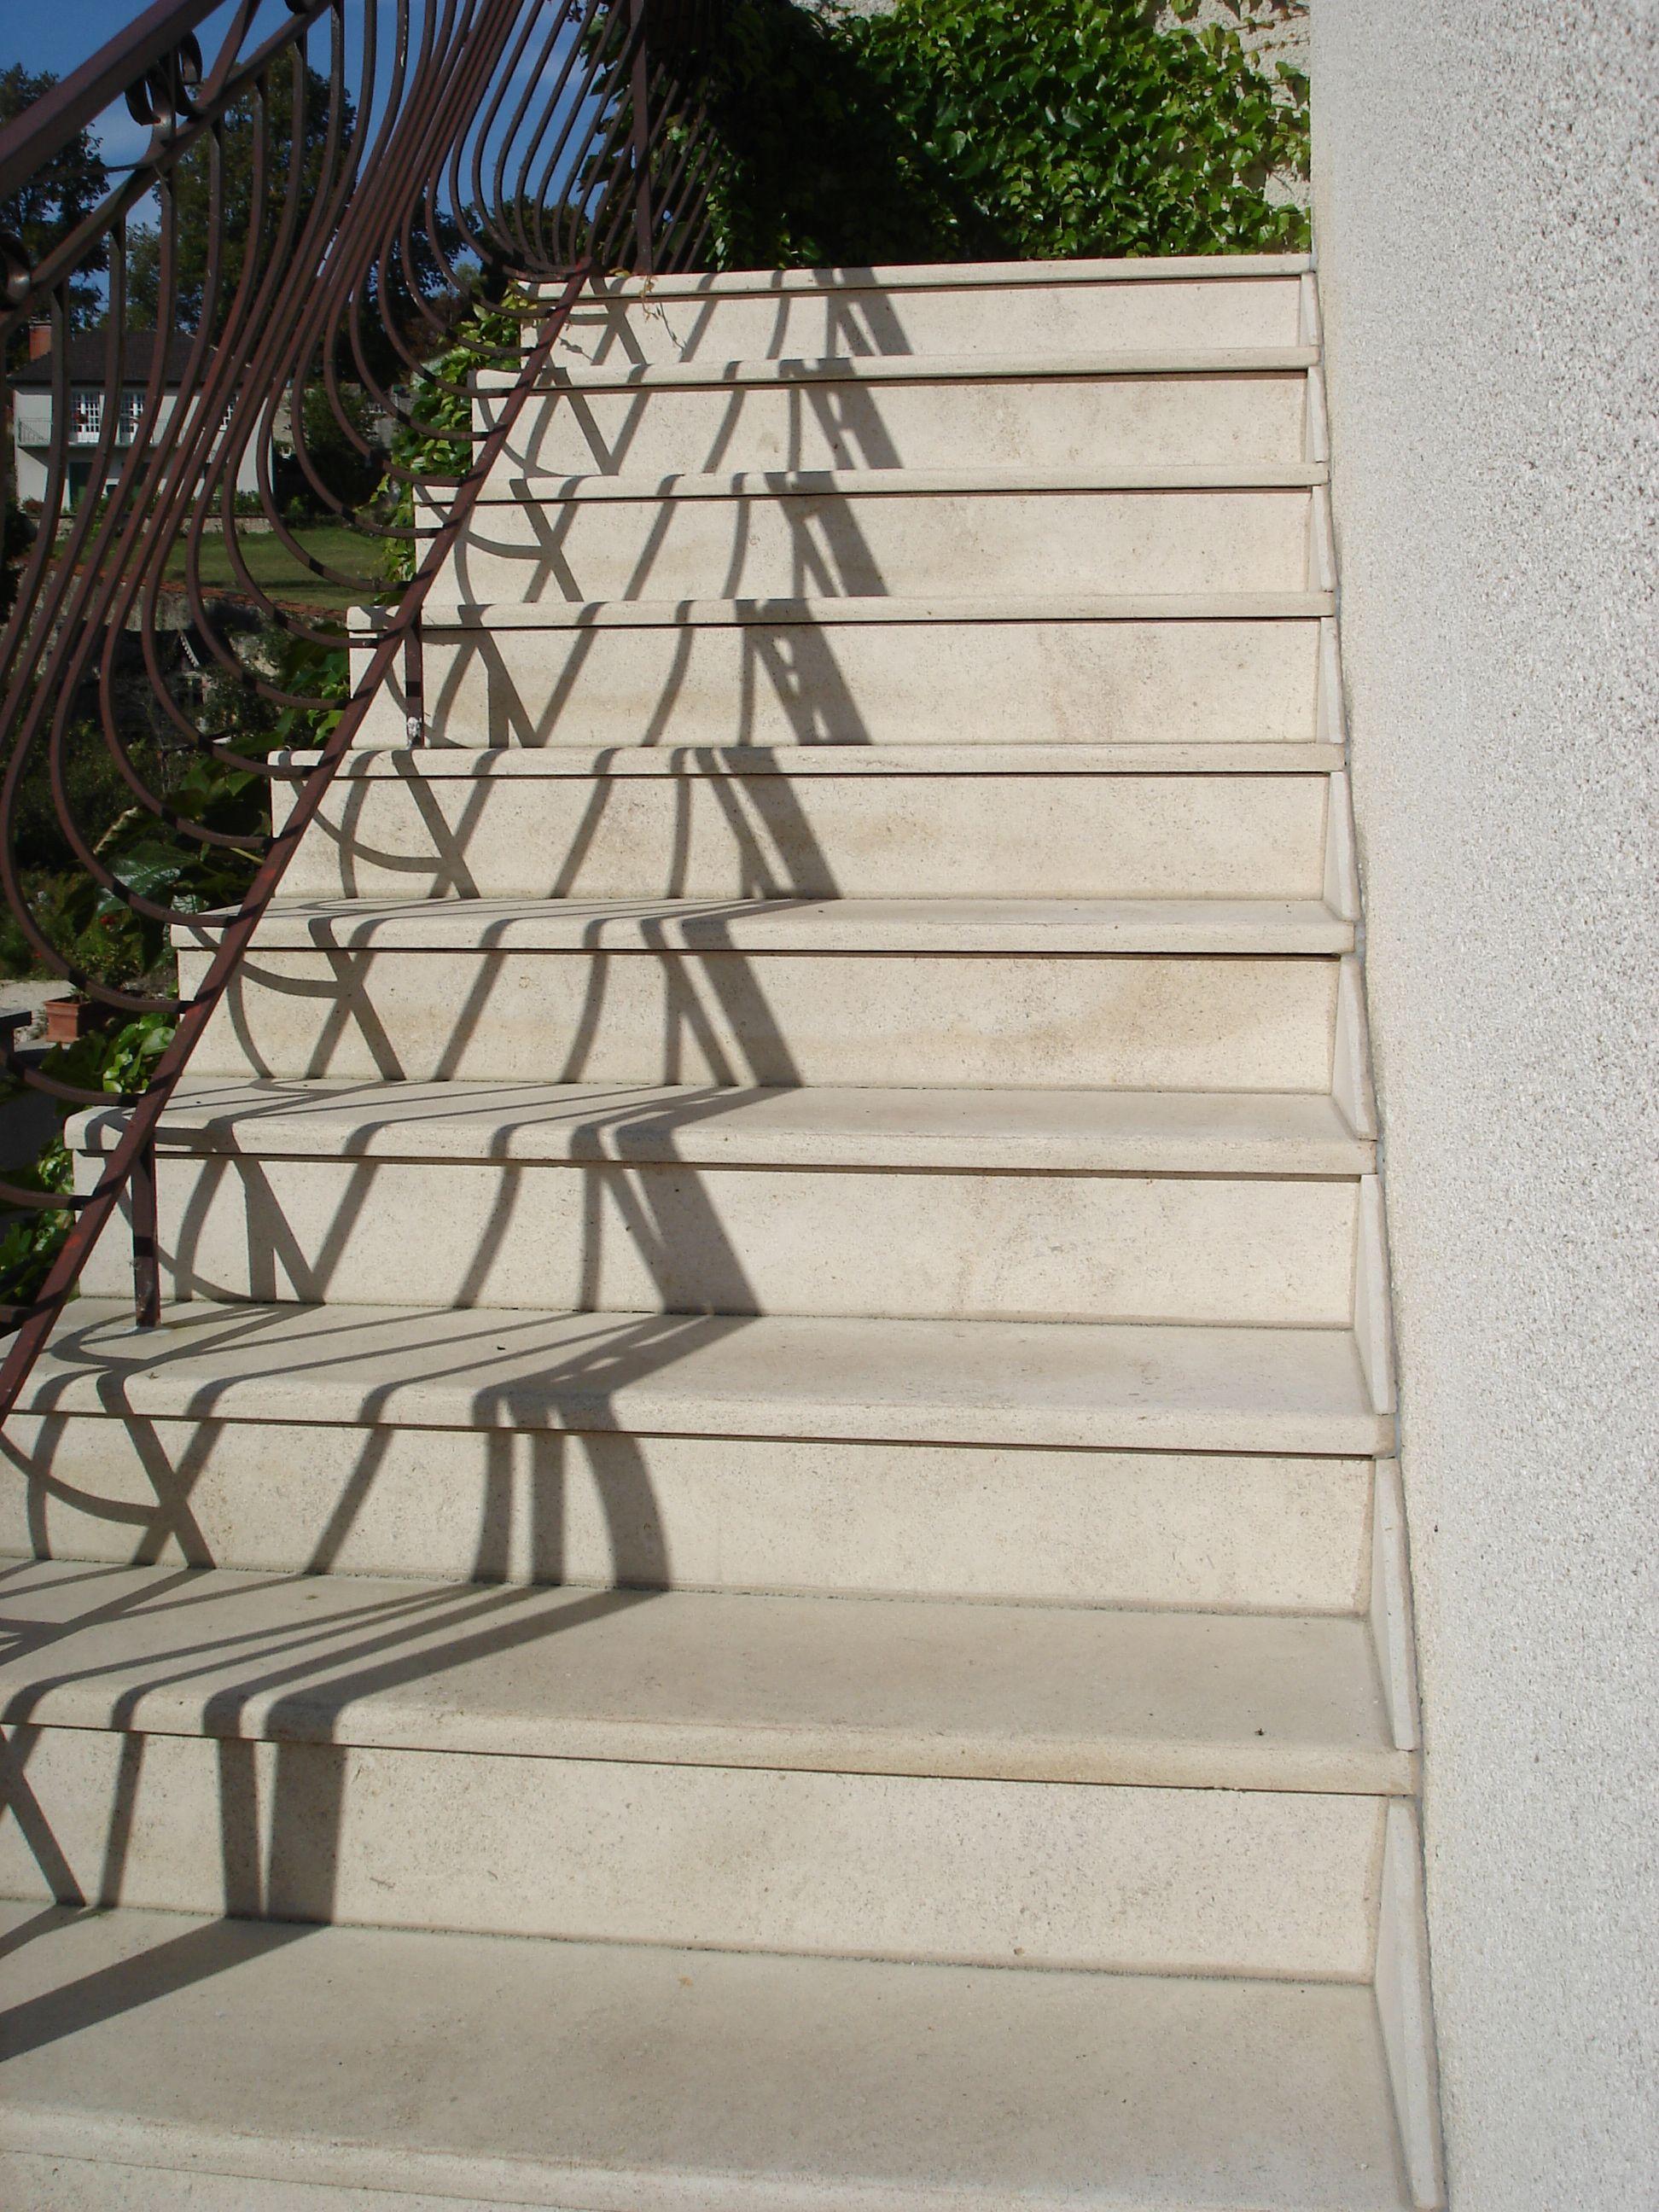 Escalier En Pierre Naturelle De Bourgogne Semond Clair Habillage Des Marches D Un Esc Carrelage Escalier Exterieur Habillage Escalier Beton Habillage Escalier